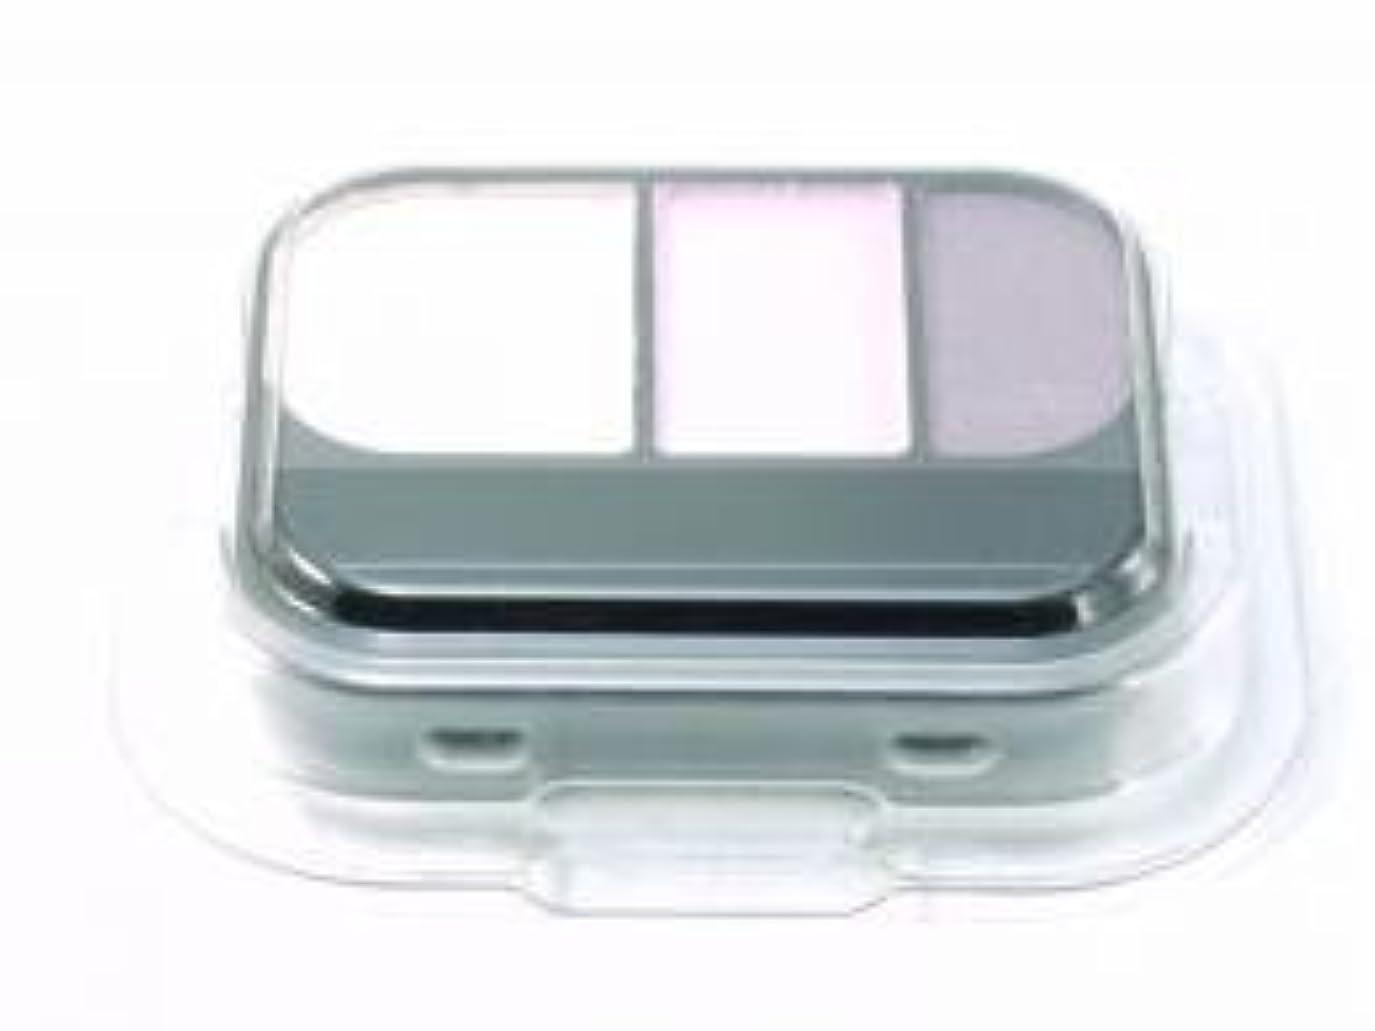 マニアック小さな愛情アイビー化粧品 エレガンス アイカラーカートリッジ PK-100